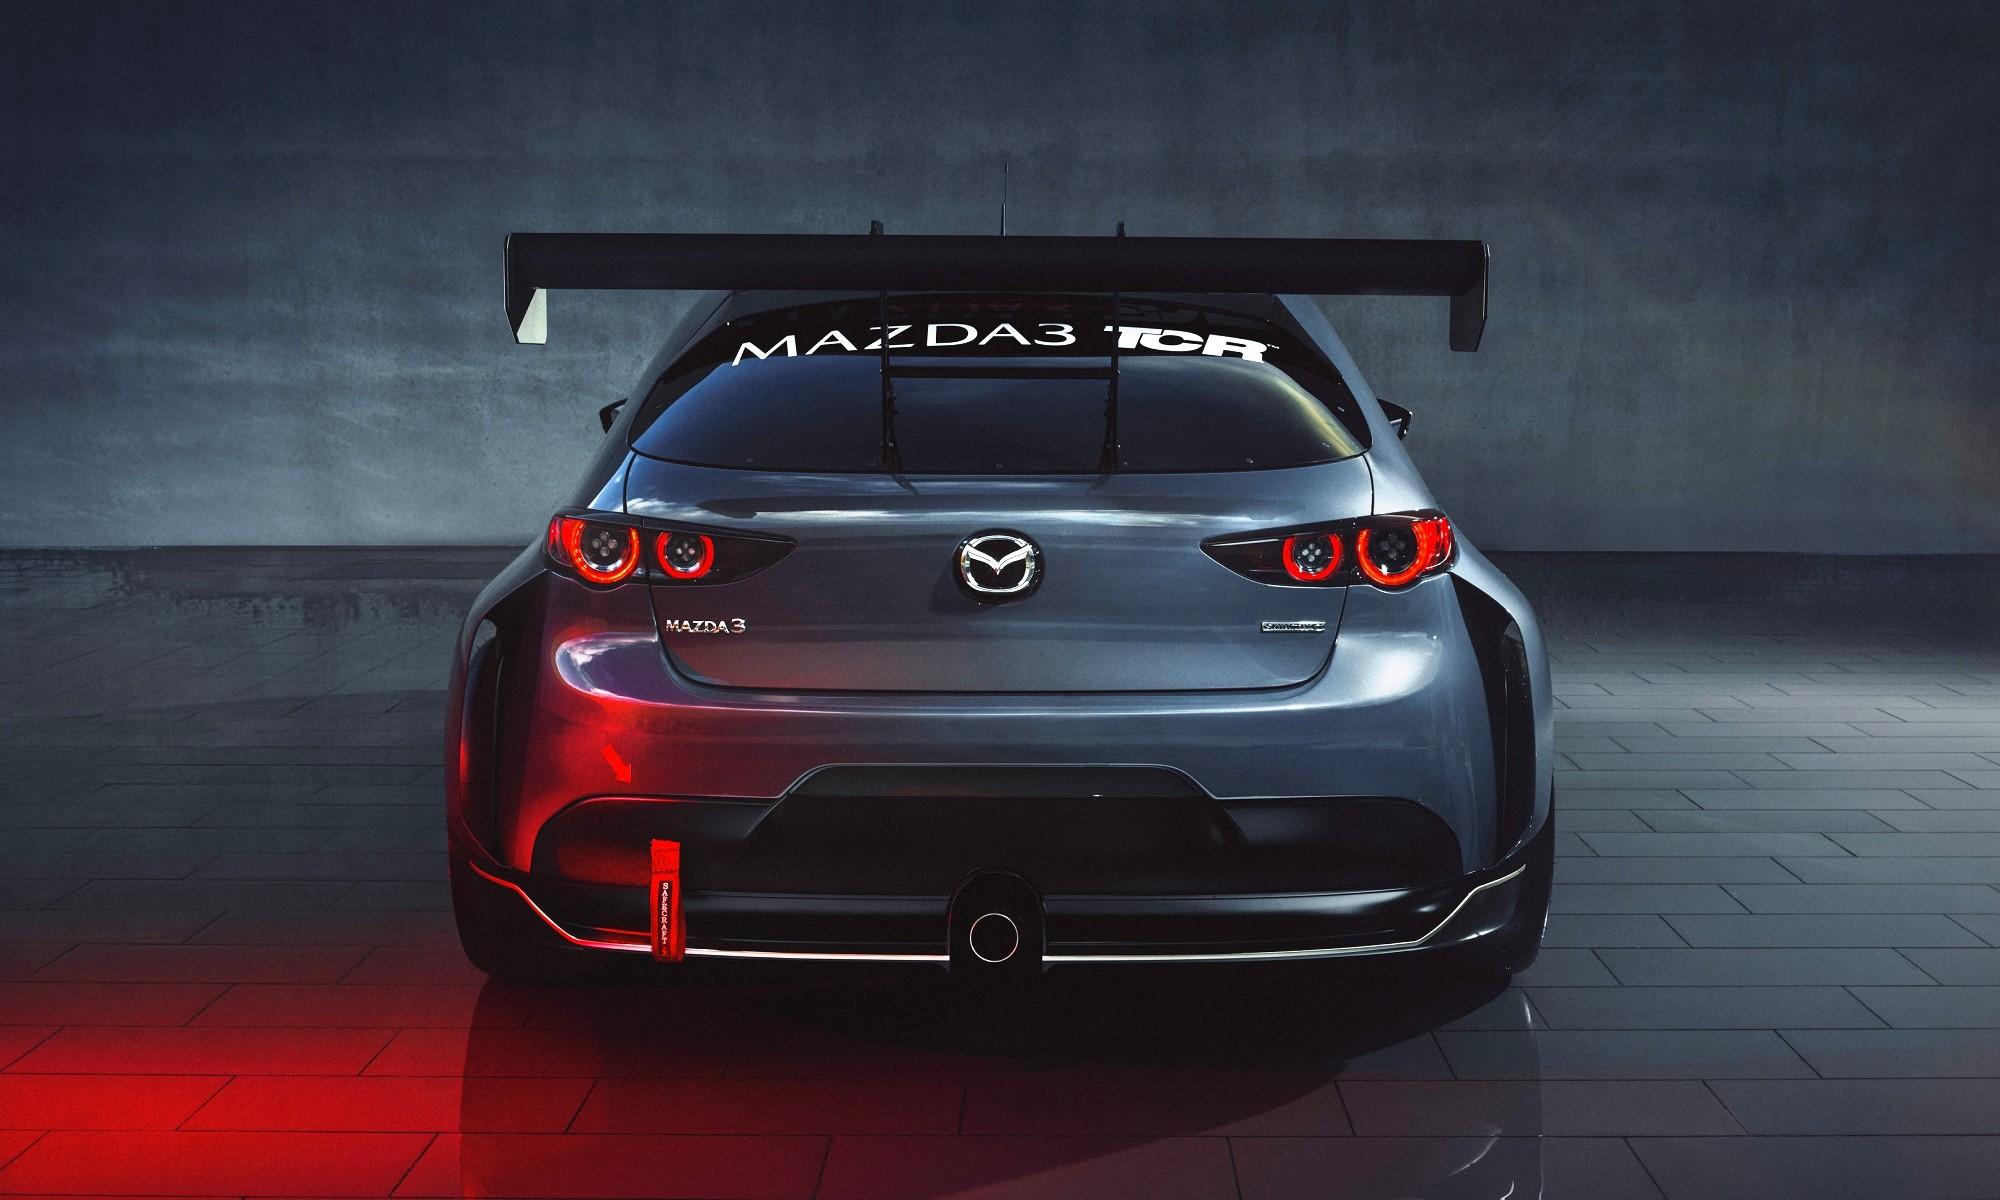 Mazda3 TCR racecar wing